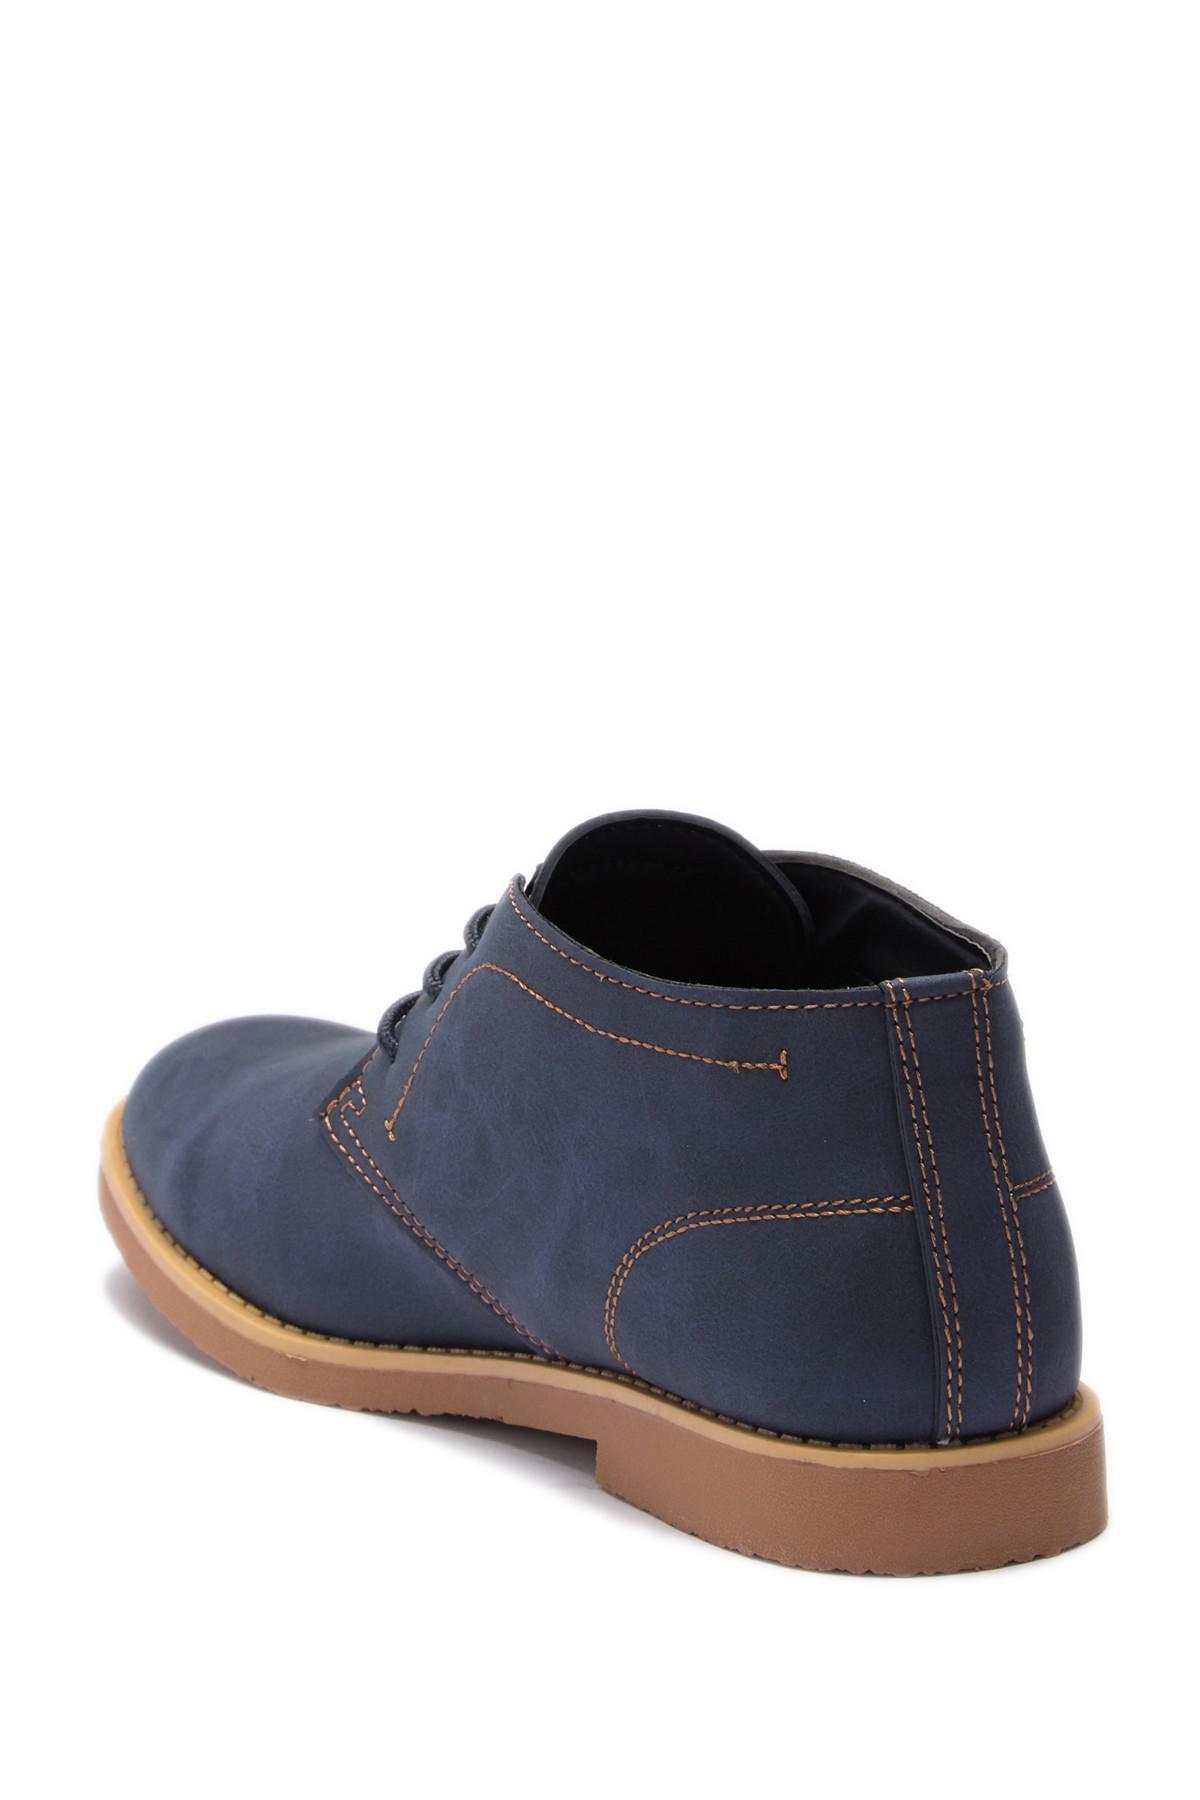 508e7b96697 Levi's Blue Levi's(r) Shoes Sonoma Wax (navy) Shoes for men